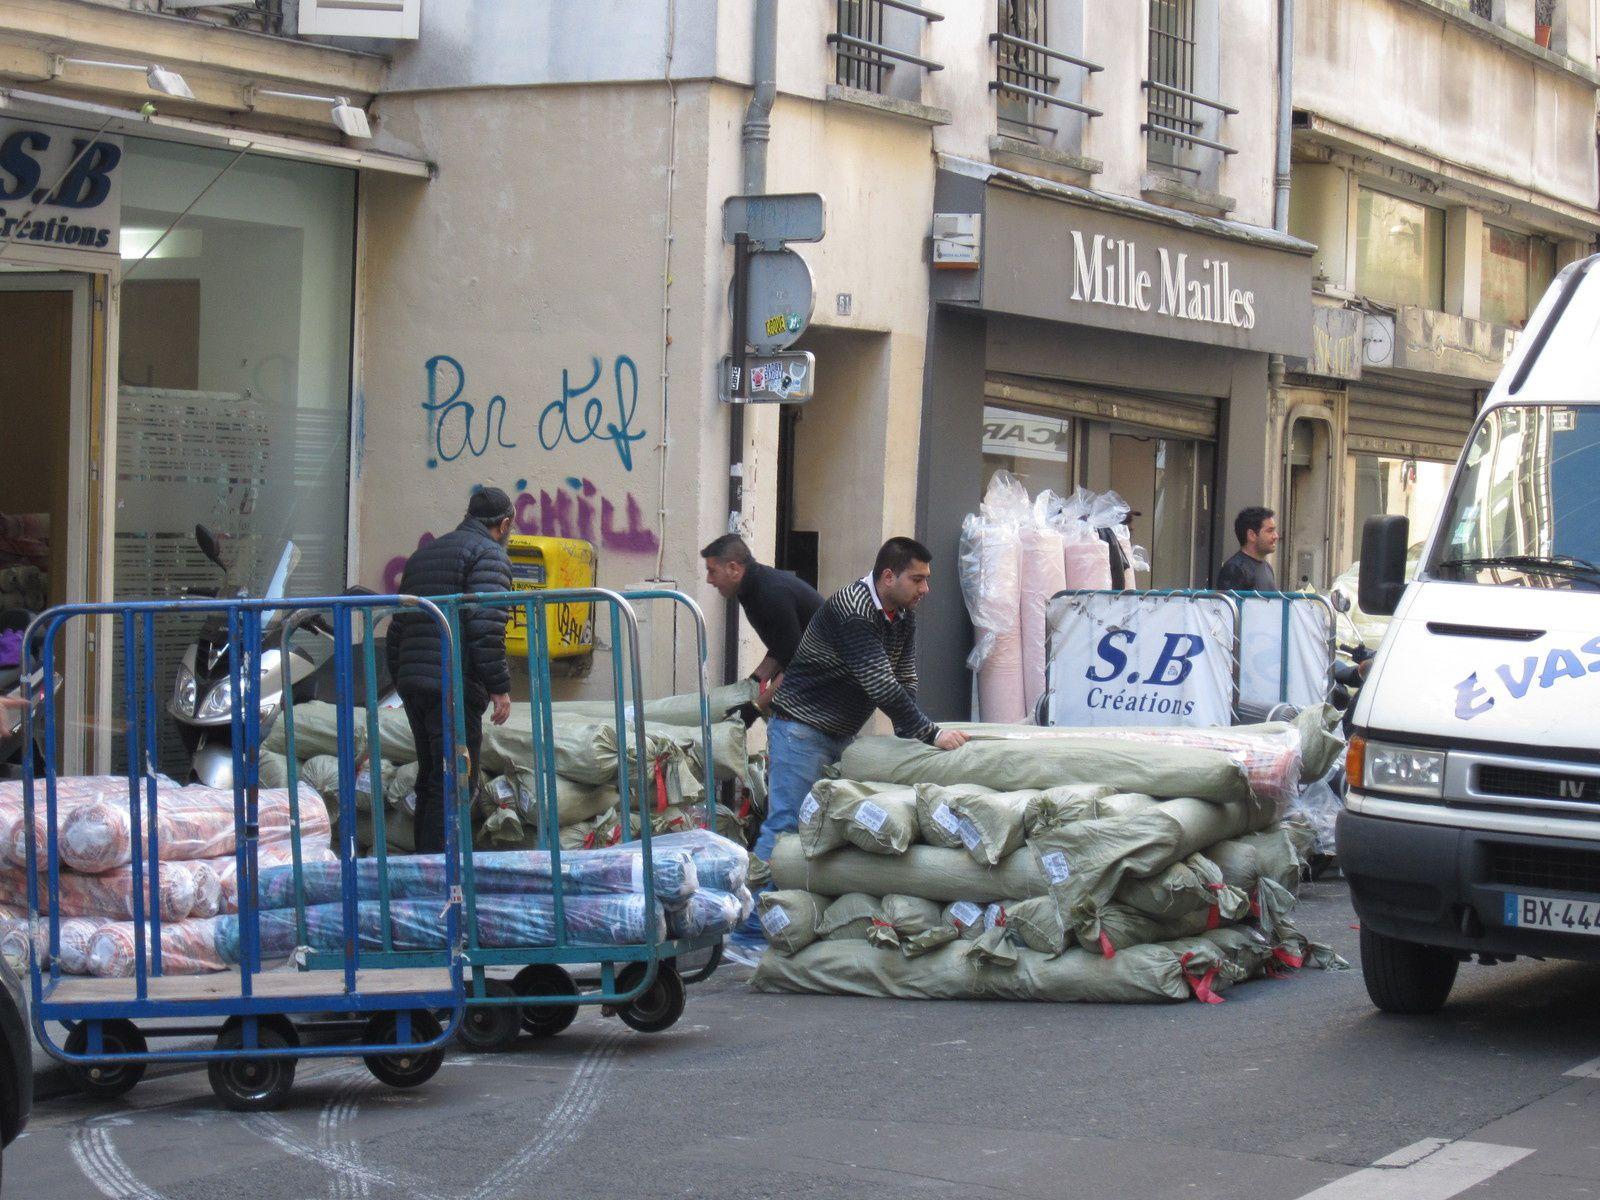 Deux quartiers parisiens le sentier et saint germain des pr s histoire de - Quartier du sentier paris ...